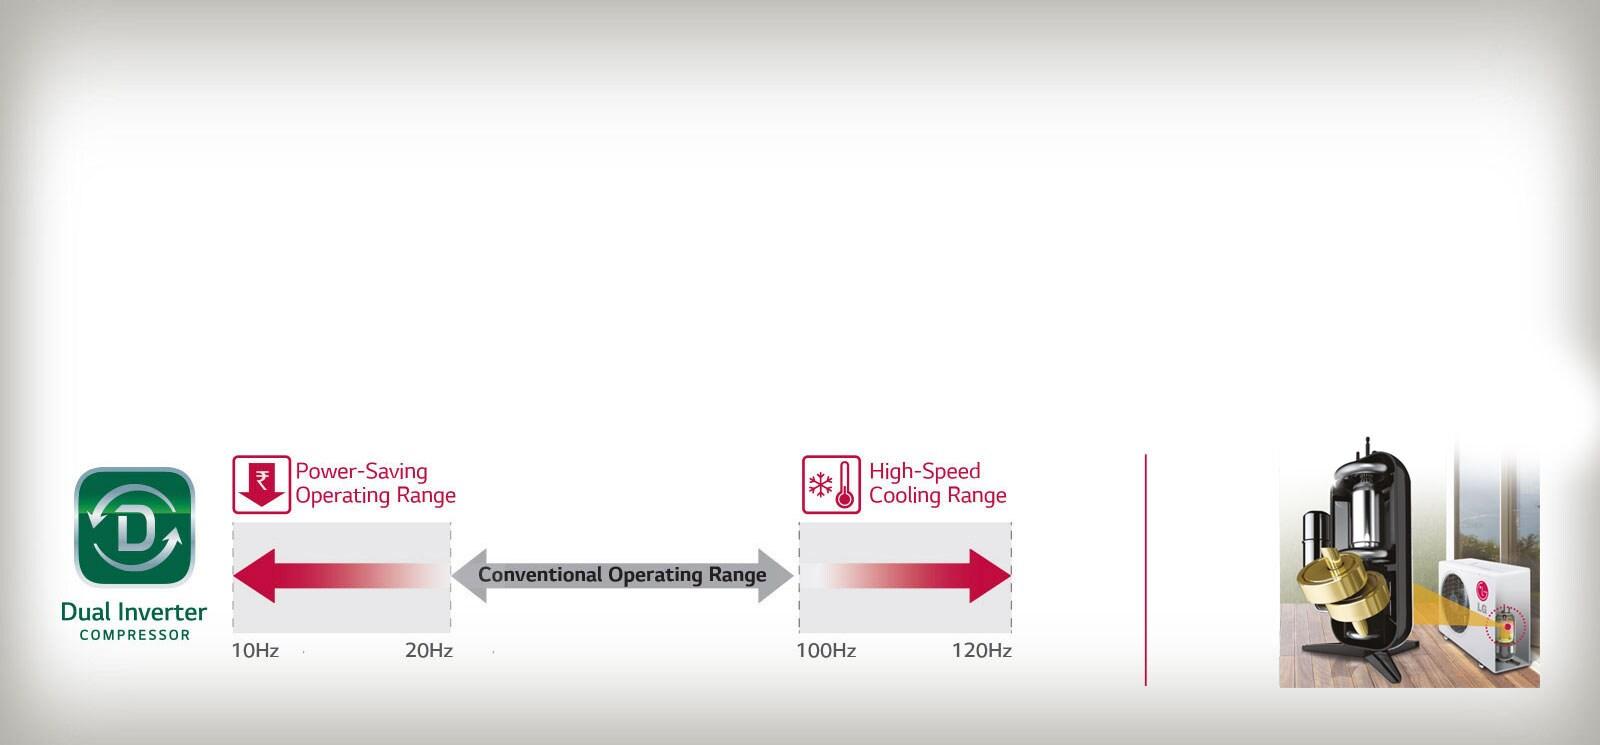 LG LS-Q18SWZA Dual inverter Compressor